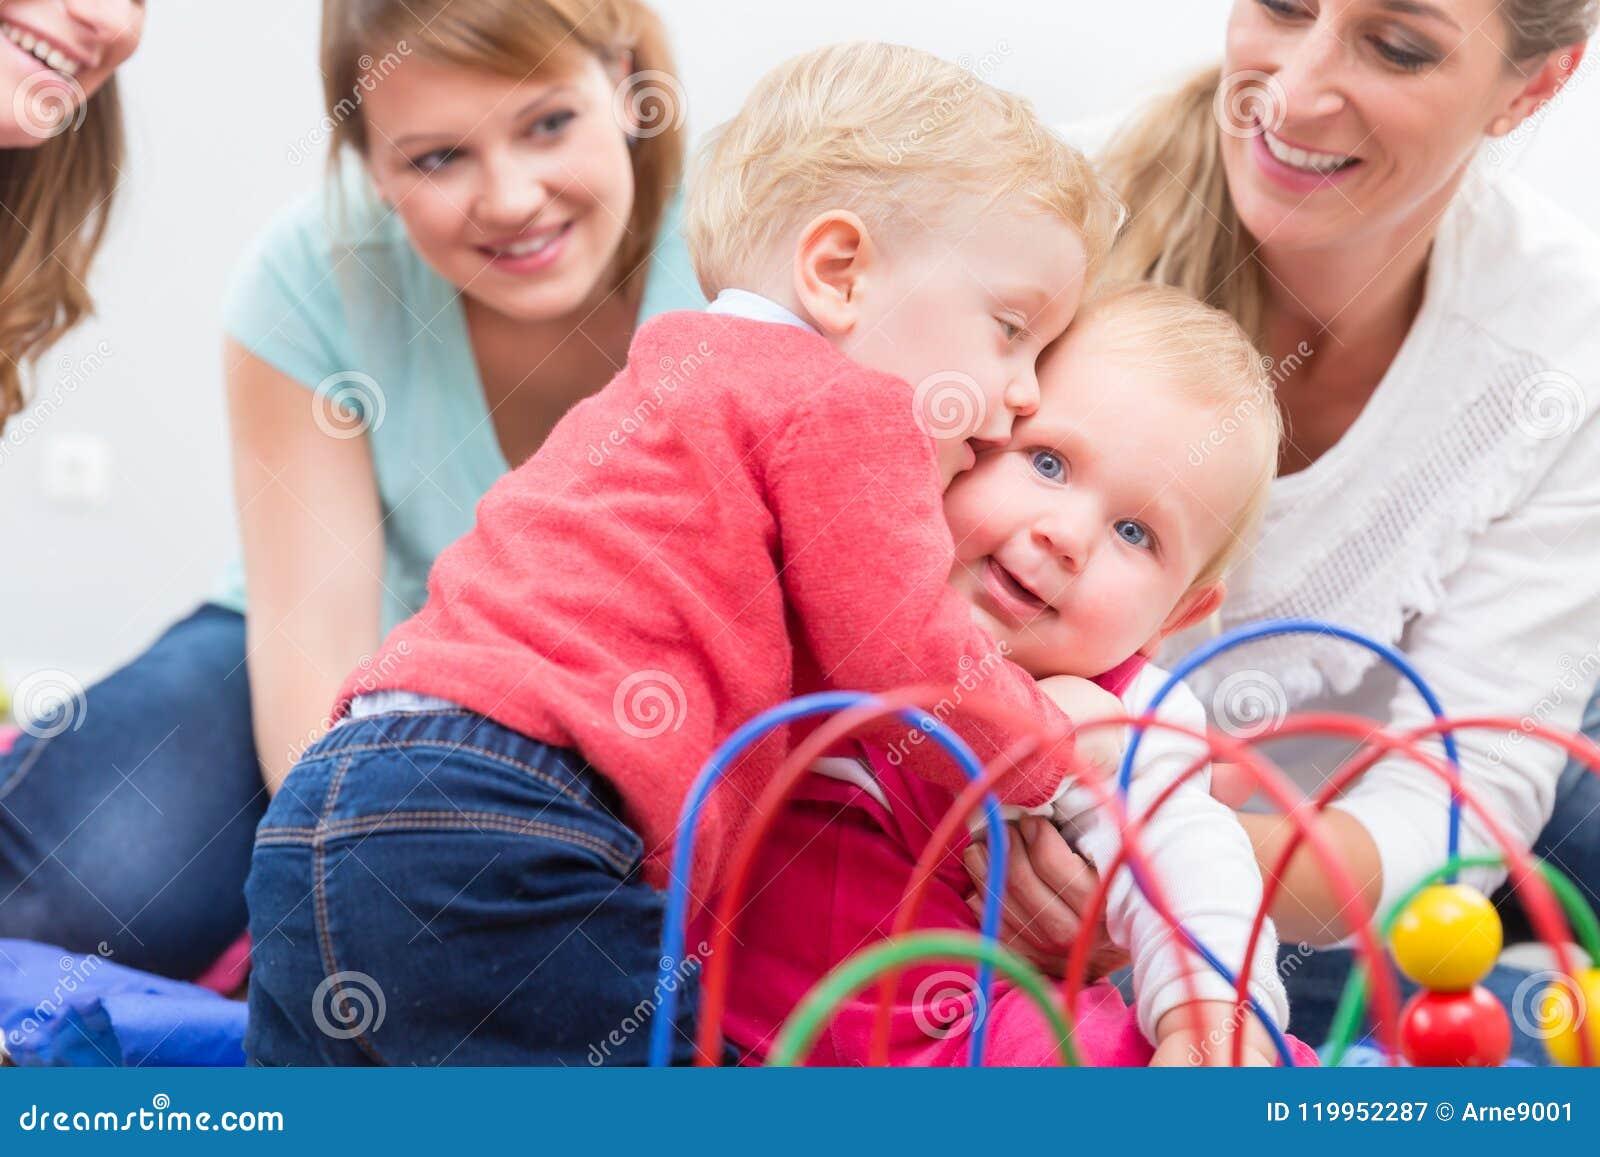 Gruppe glückliche junge Mütter, die ihre netten und gesunden Babys aufpassen, spielen